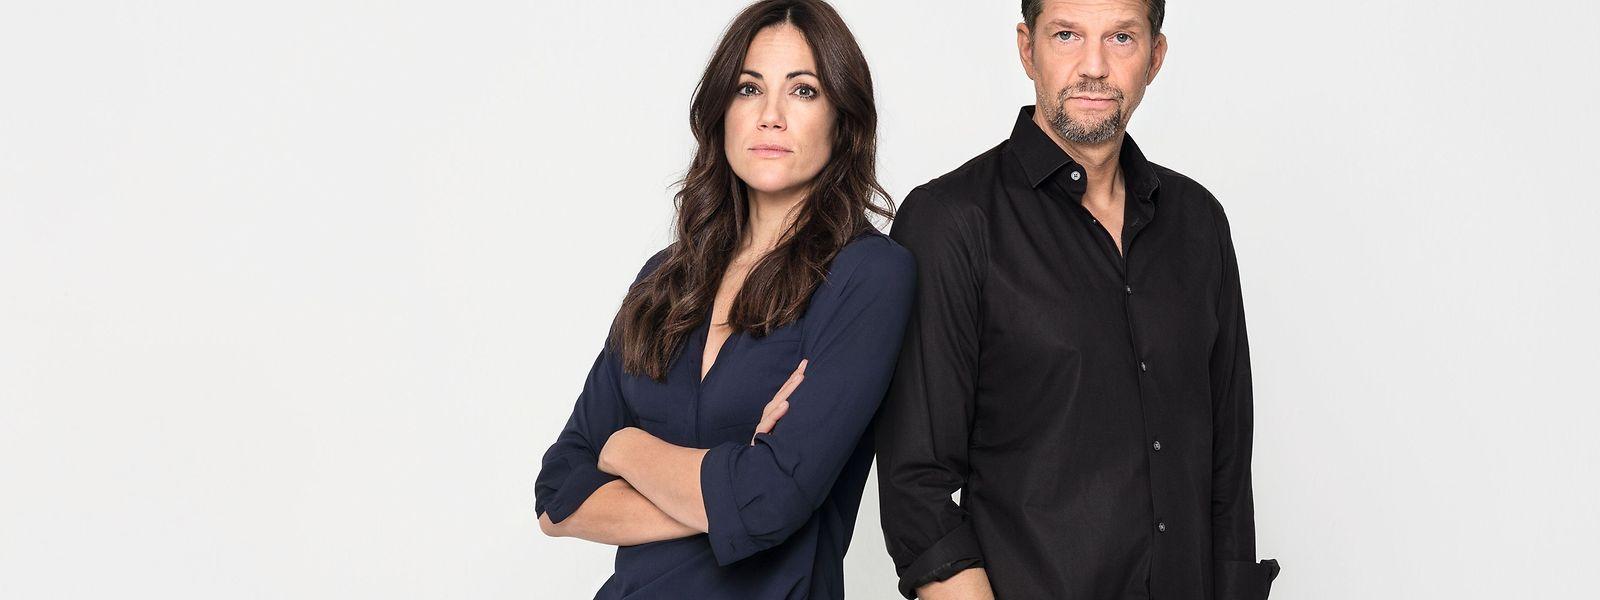 Das Mittelstandspaar Hanna (Bettina Zimmermann) und Tom (Kai Wiesinger) liefert sich jeweils einen Schlagabtausch zu einem bestimmten Thema.